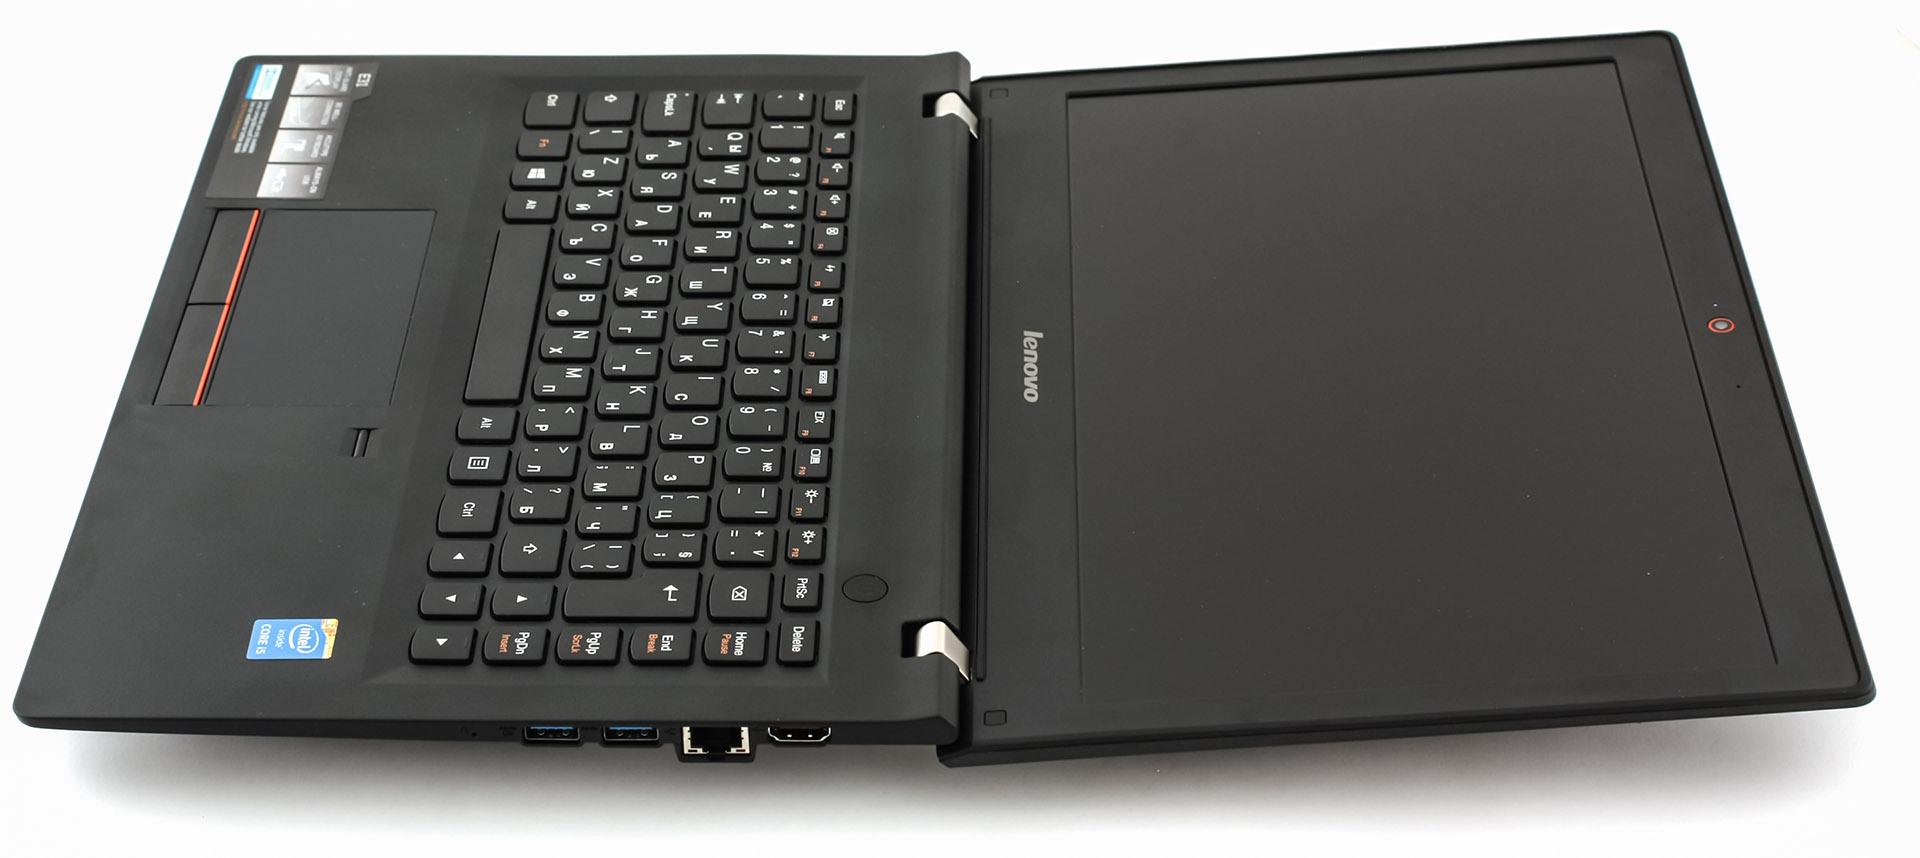 Notebook samsung kualitas - Lenovo E31 Wide Open